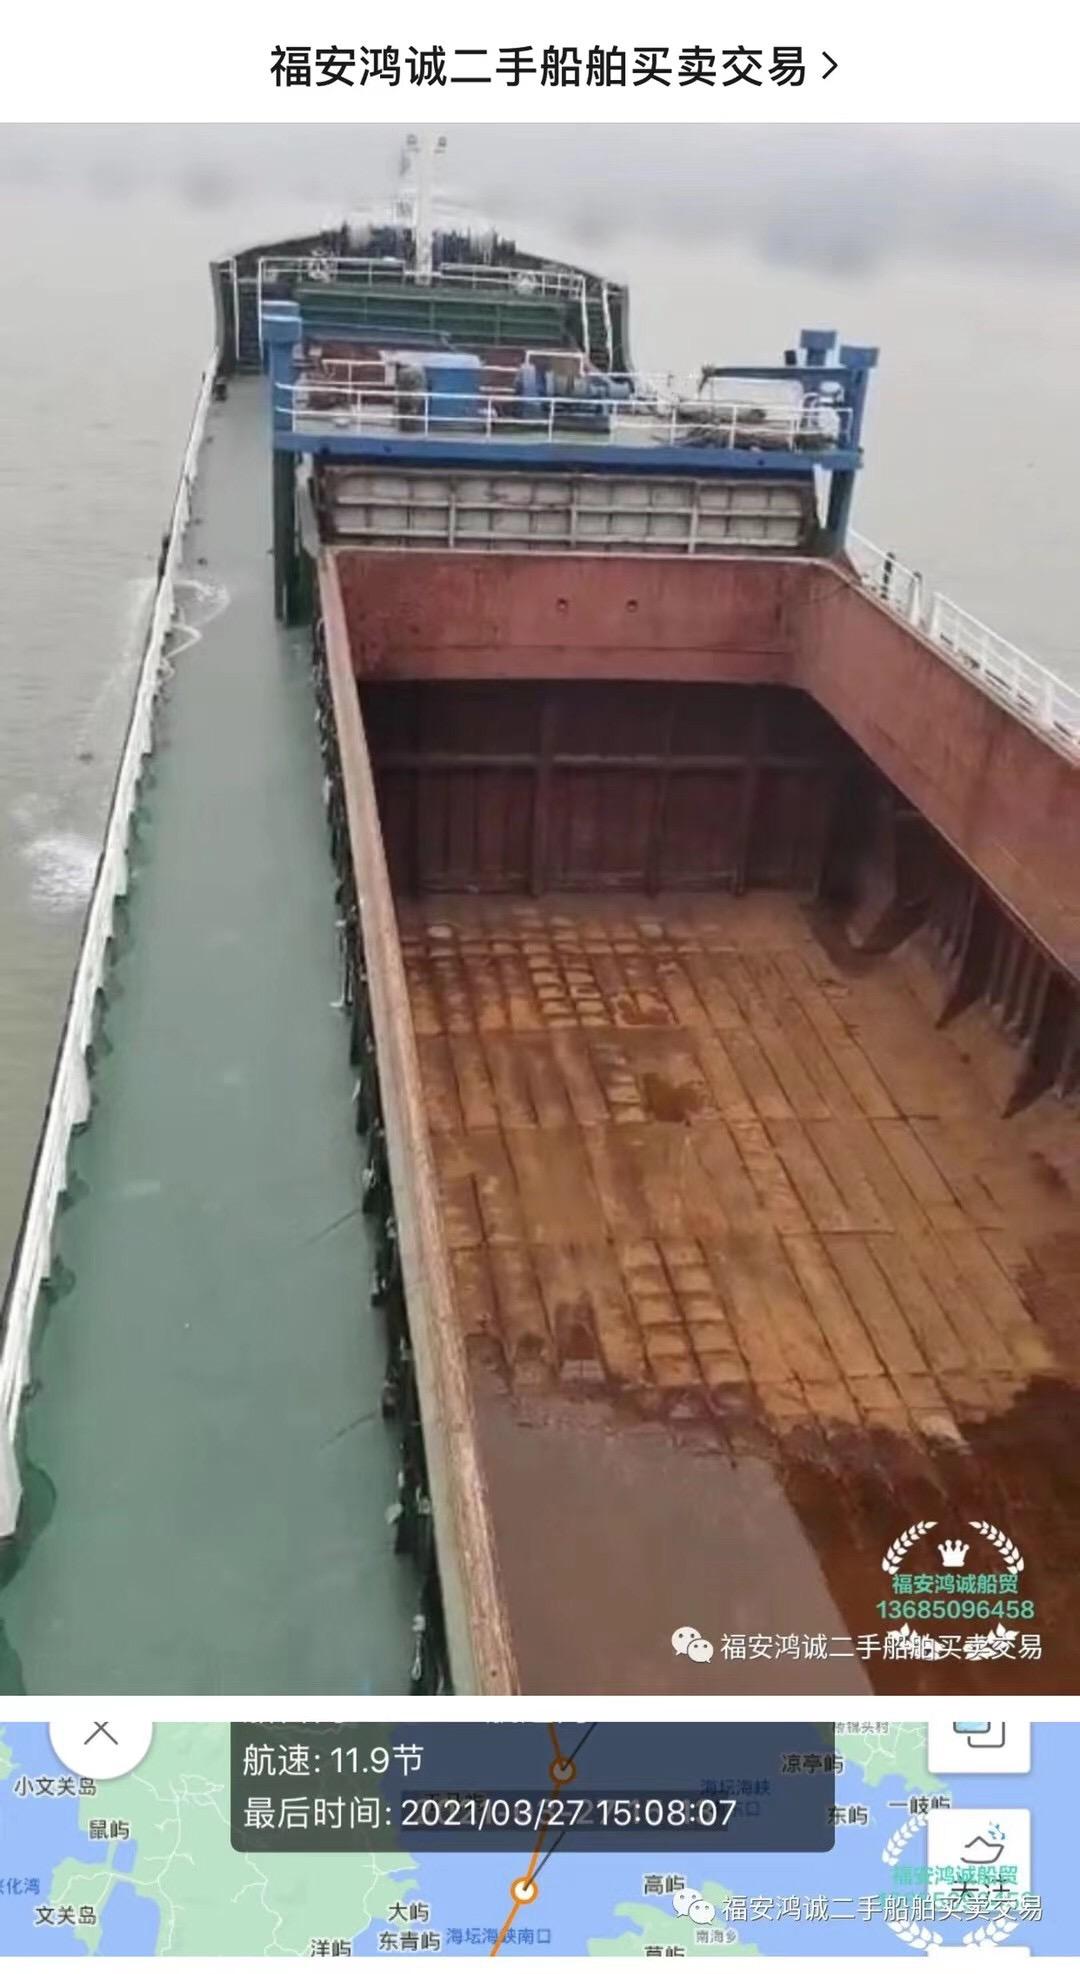 出售5000吨干货船:2002年11月台州造